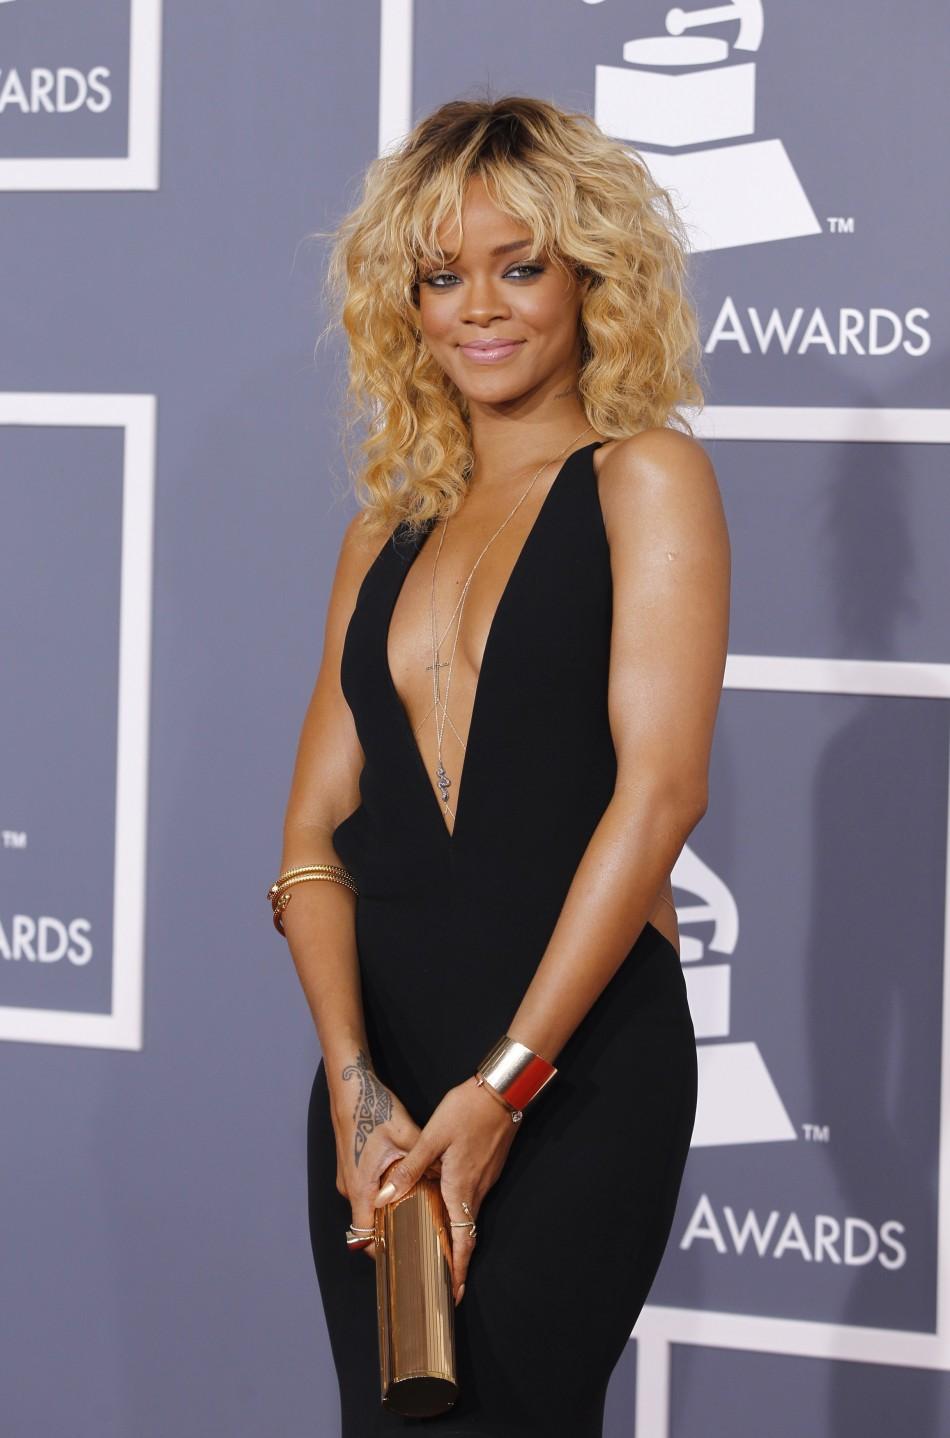 3. Rihanna